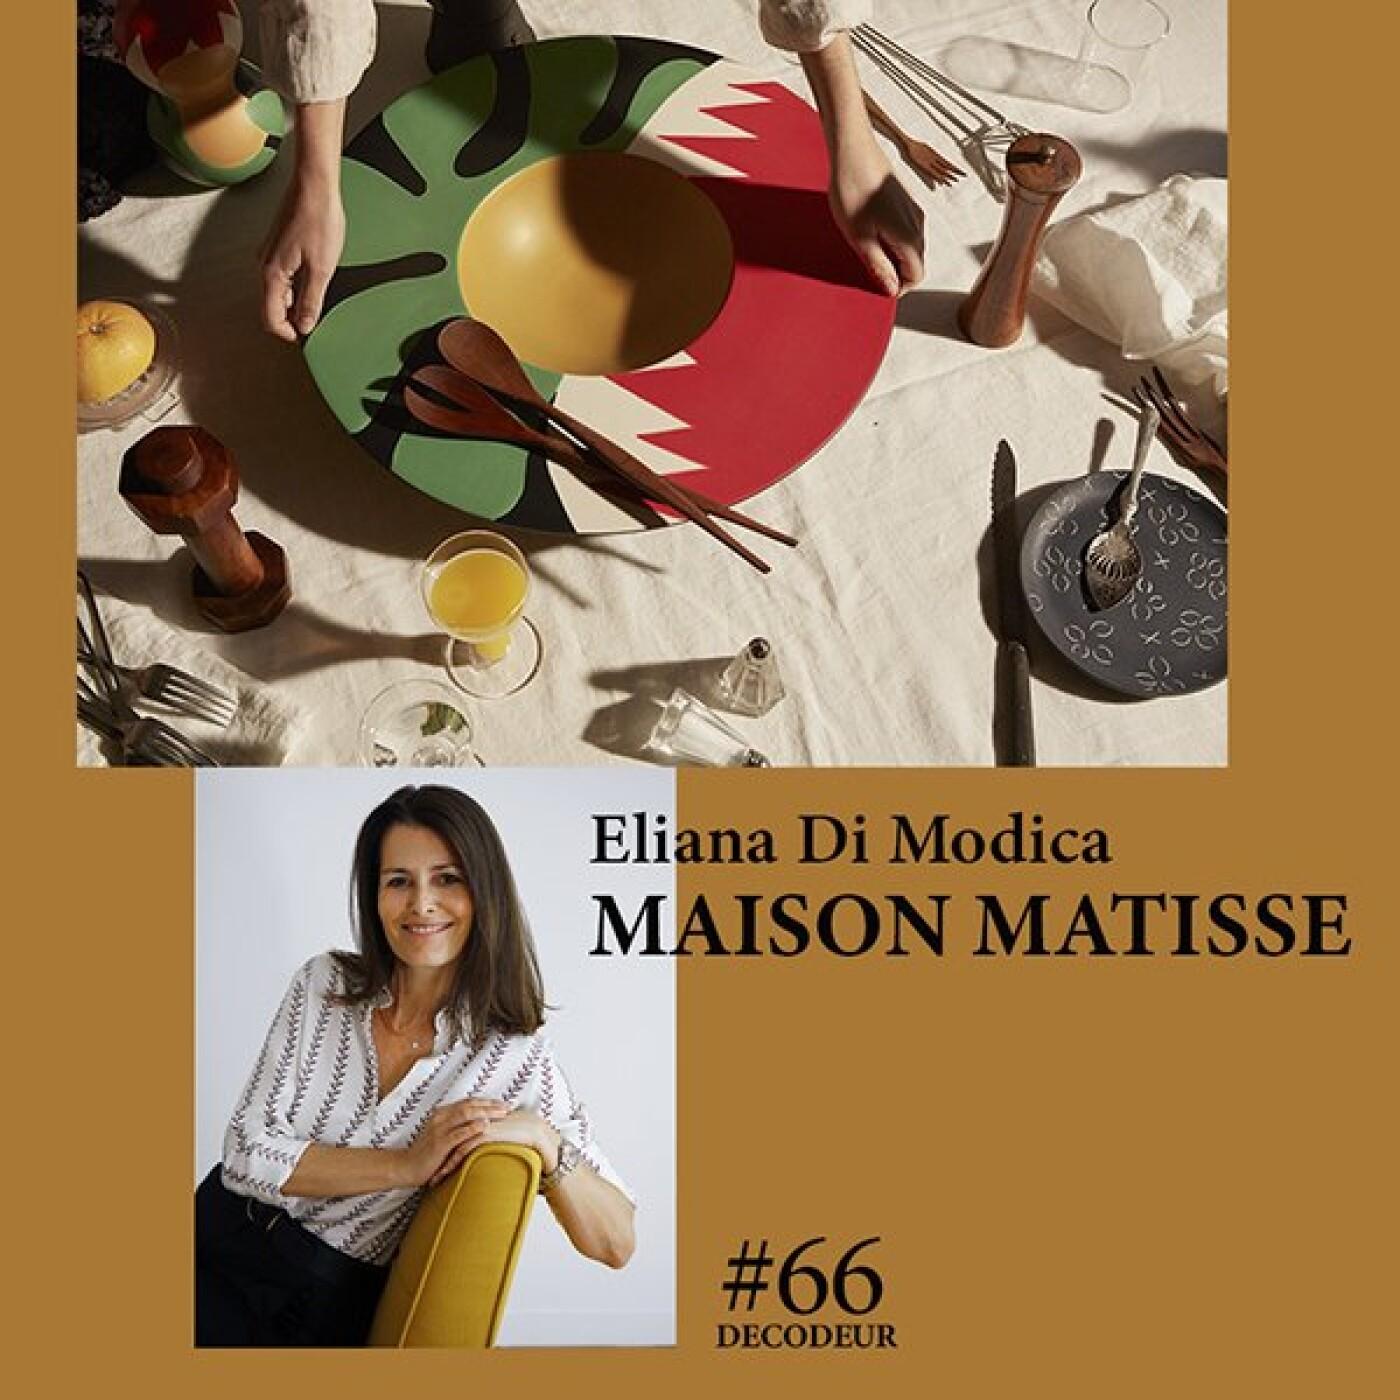 #66 Eliana Di Modica de Maison Matisse, des objets inspirés par l'univers du peintre Henri Matisse